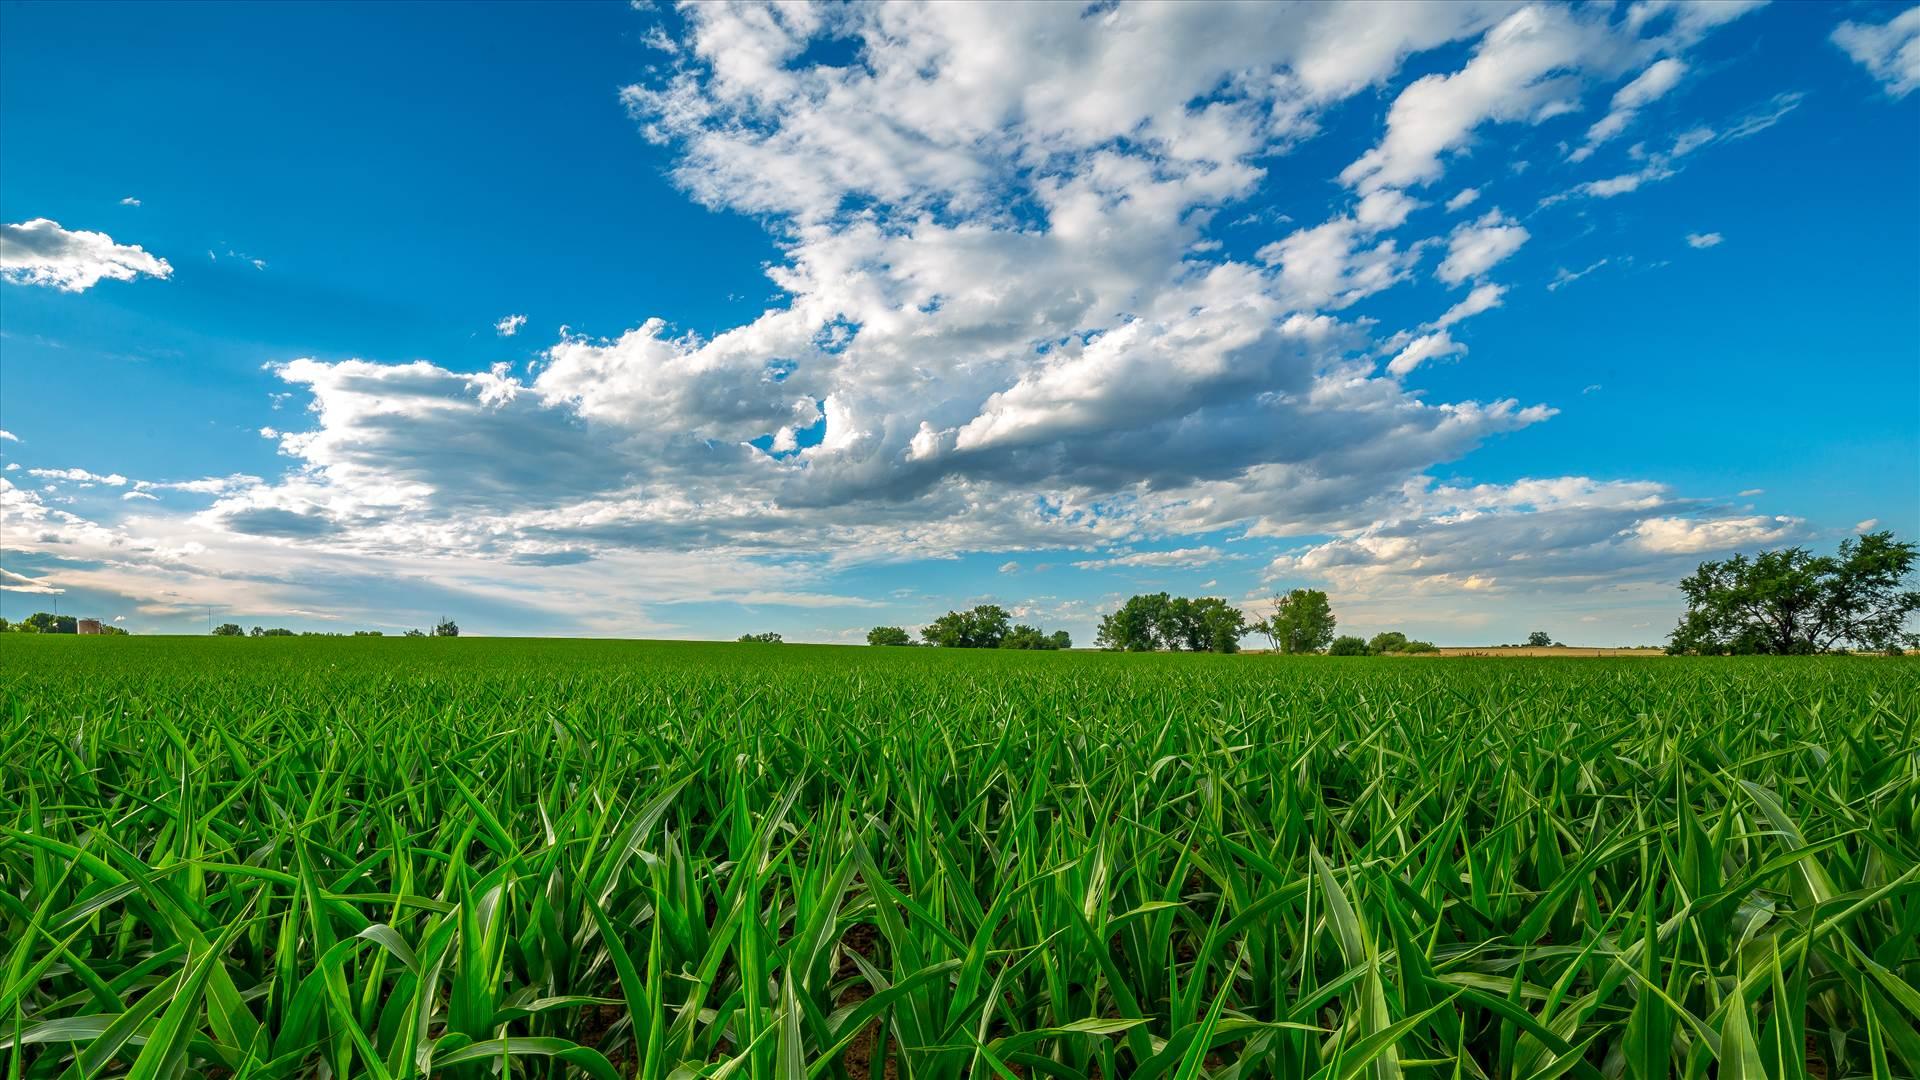 Summer Fields II - Corn fields near Longmont, Colorado by D Scott Smith